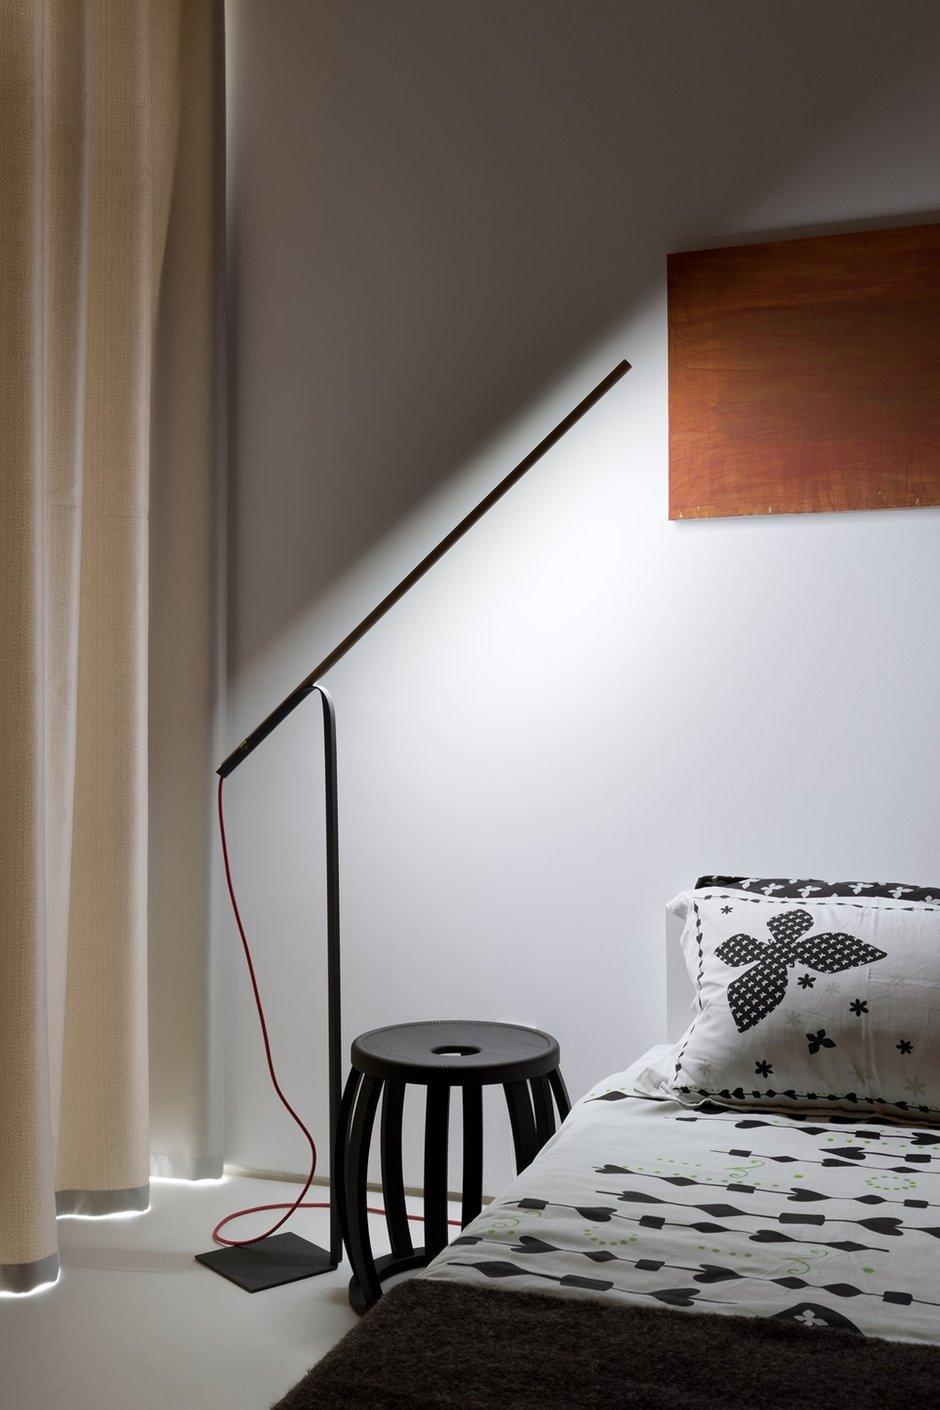 Фотография: Спальня в стиле Лофт, Современный, Малогабаритная квартира, Квартира, Украина, Дома и квартиры – фото на INMYROOM